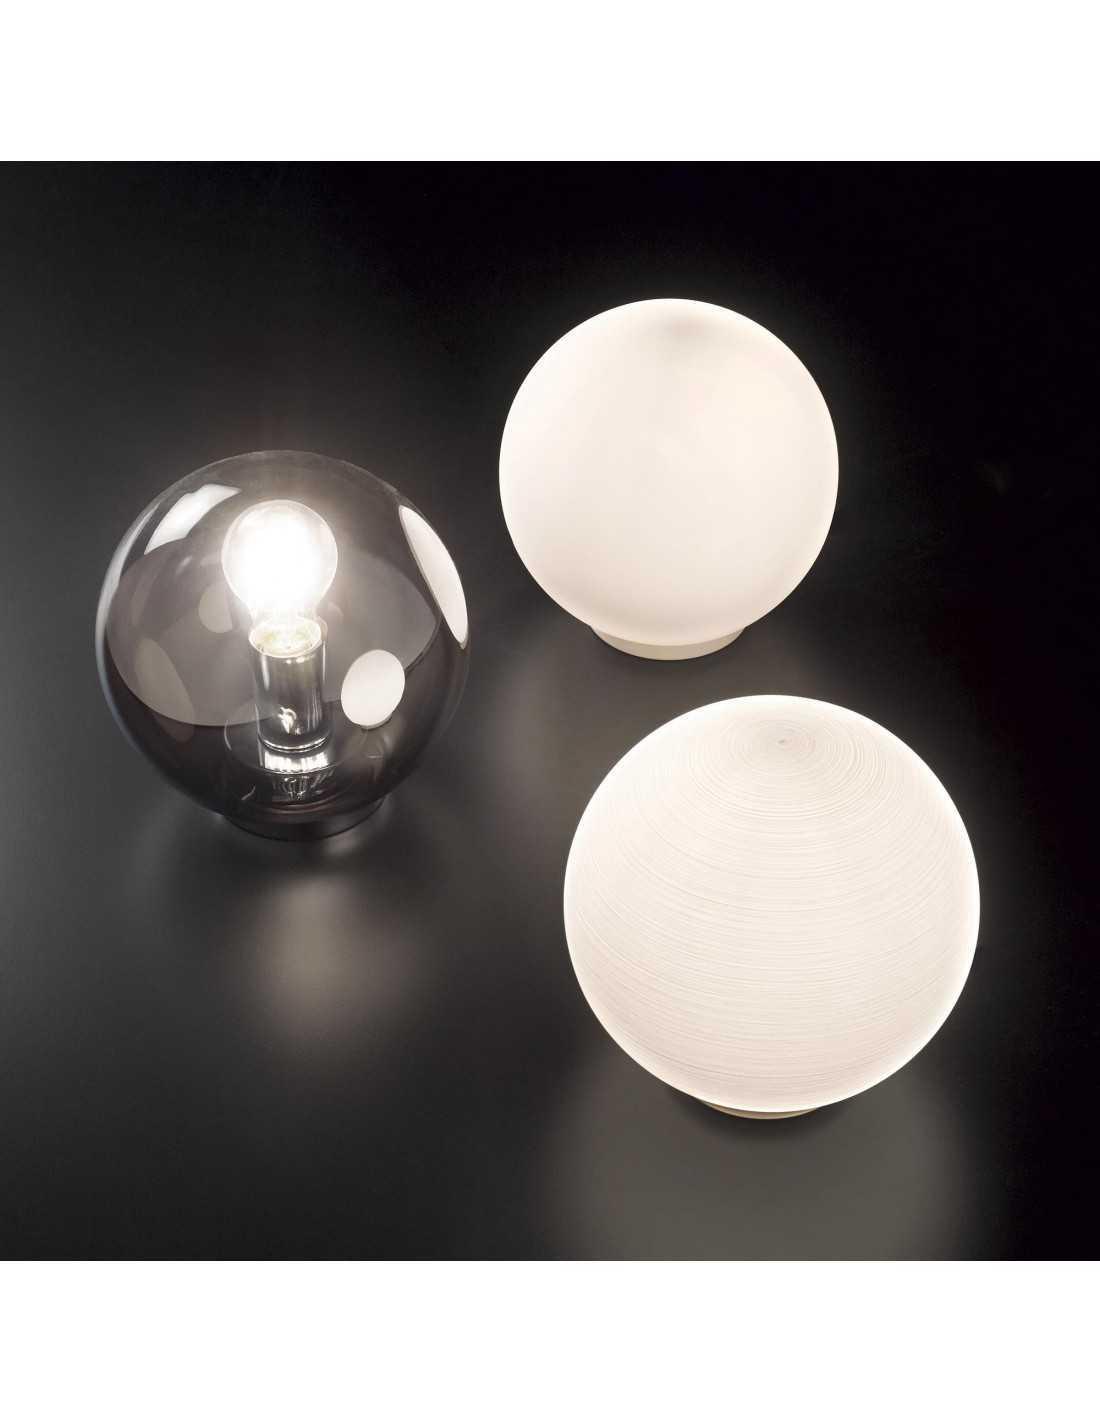 Lampada Da Tavolo Moderna Con Vetro Soffiato Bianco A Forma Di Sfera Ideal Lux Mapa Tl1